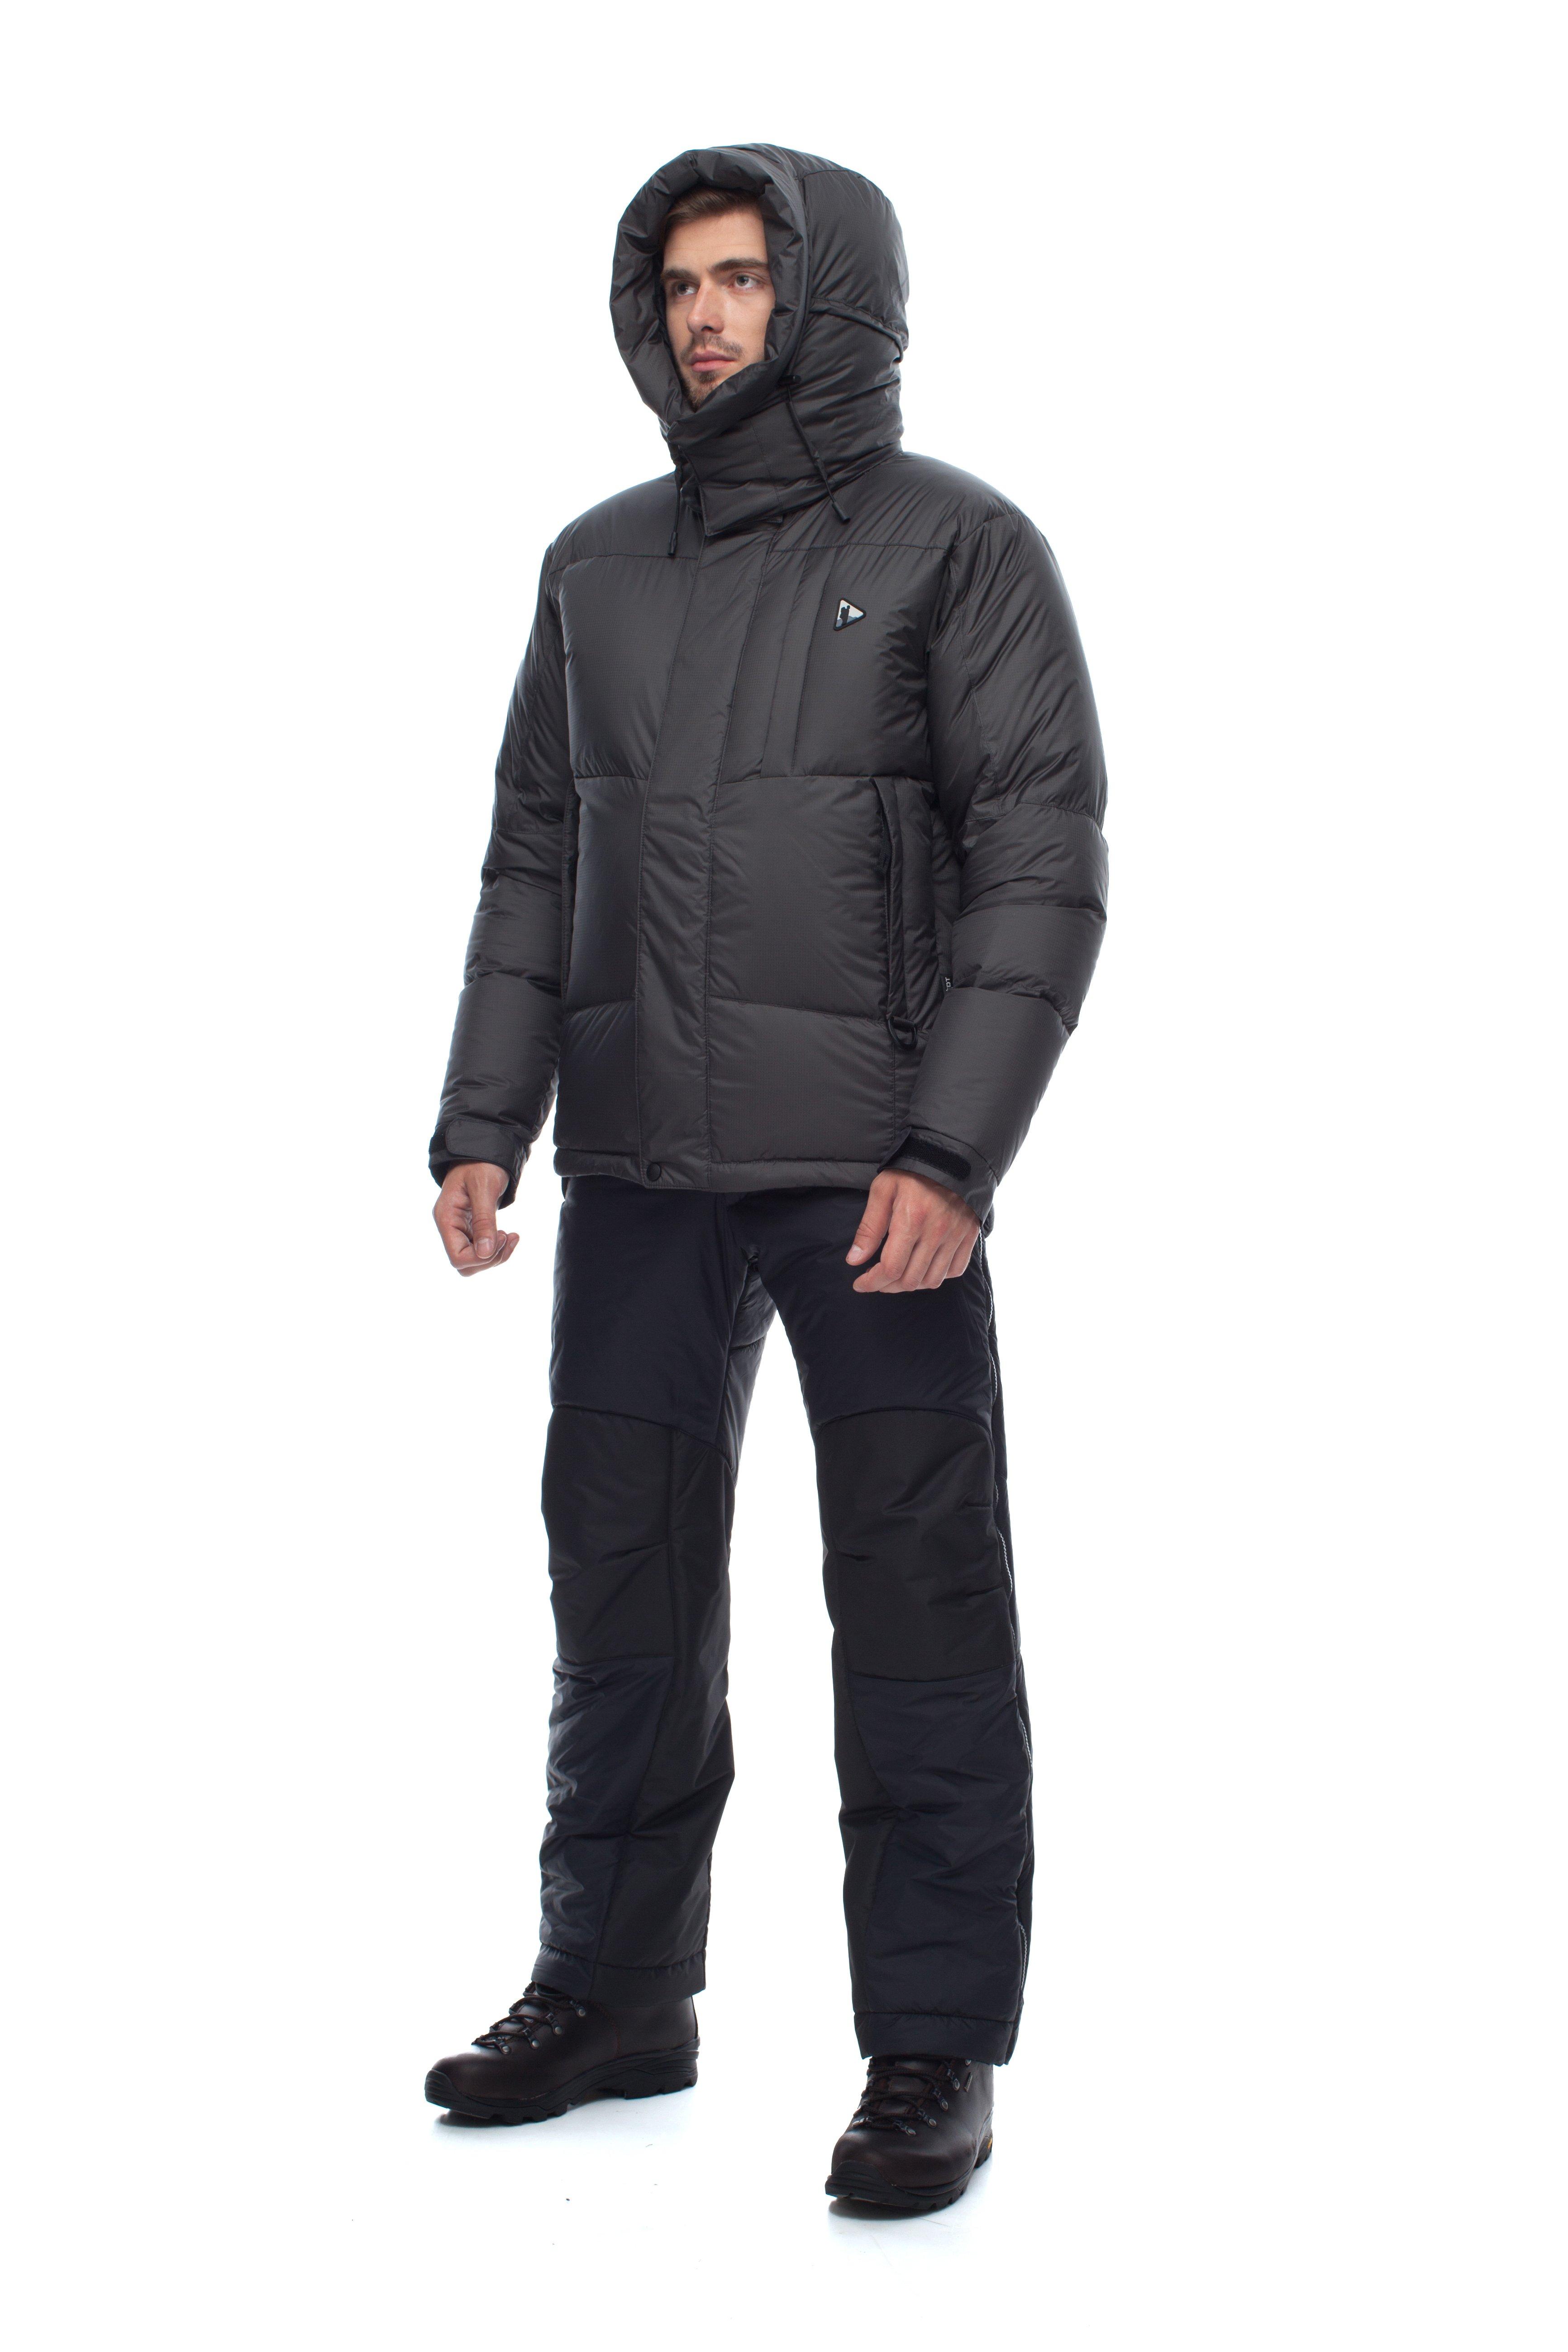 Пуховая куртка BASK HEAVEN V2 3945AКуртки<br><br><br>&quot;Дышащие&quot; свойства: Да<br>Верхняя ткань: Resist-DT(R) EXTREME<br>Вес граммы: 955<br>Вес утеплителя: 282<br>Ветро-влагозащитные свойства верхней ткани: Да<br>Ветрозащитная планка: Да<br>Ветрозащитная юбка: Нет<br>Влагозащитные молнии: Нет<br>Внутренние манжеты: Нет<br>Внутренняя ткань: Advance® Classic<br>Водонепроницаемость: 3000<br>Дублирующий центральную молнию клапан: Да<br>Защитный козырёк капюшона: Нет<br>Капюшон: Съемный<br>Количество внешних карманов: 3<br>Количество внутренних карманов: 3<br>Мембрана: Resist-DT(R) EXTREME<br>Объемный крой локтевой зоны: Нет<br>Отстёгивающиеся рукава: Нет<br>Паропроницаемость: 3000<br>Показатель Fill Power (для пуховых изделий): 670<br>Пол: Мужской<br>Проклейка швов: Нет<br>Регулировка манжетов рукавов: Да<br>Регулировка низа: Да<br>Регулировка объёма капюшона: Да<br>Регулировка талии: Нет<br>Регулируемые вентиляционные отверстия: Нет<br>Световозвращающая лента: Нет<br>Температурный режим: -15<br>Технология Thermal Welding: Нет<br>Технология швов: Простые<br>Тип молнии: Двухзамковая<br>Тип утеплителя: Натуральный<br>Ткань усиления: Нет<br>Усиление контактных зон: Да<br>Утеплитель: Гусиный пух<br>Размер RU: 46<br>Цвет: КРАСНЫЙ